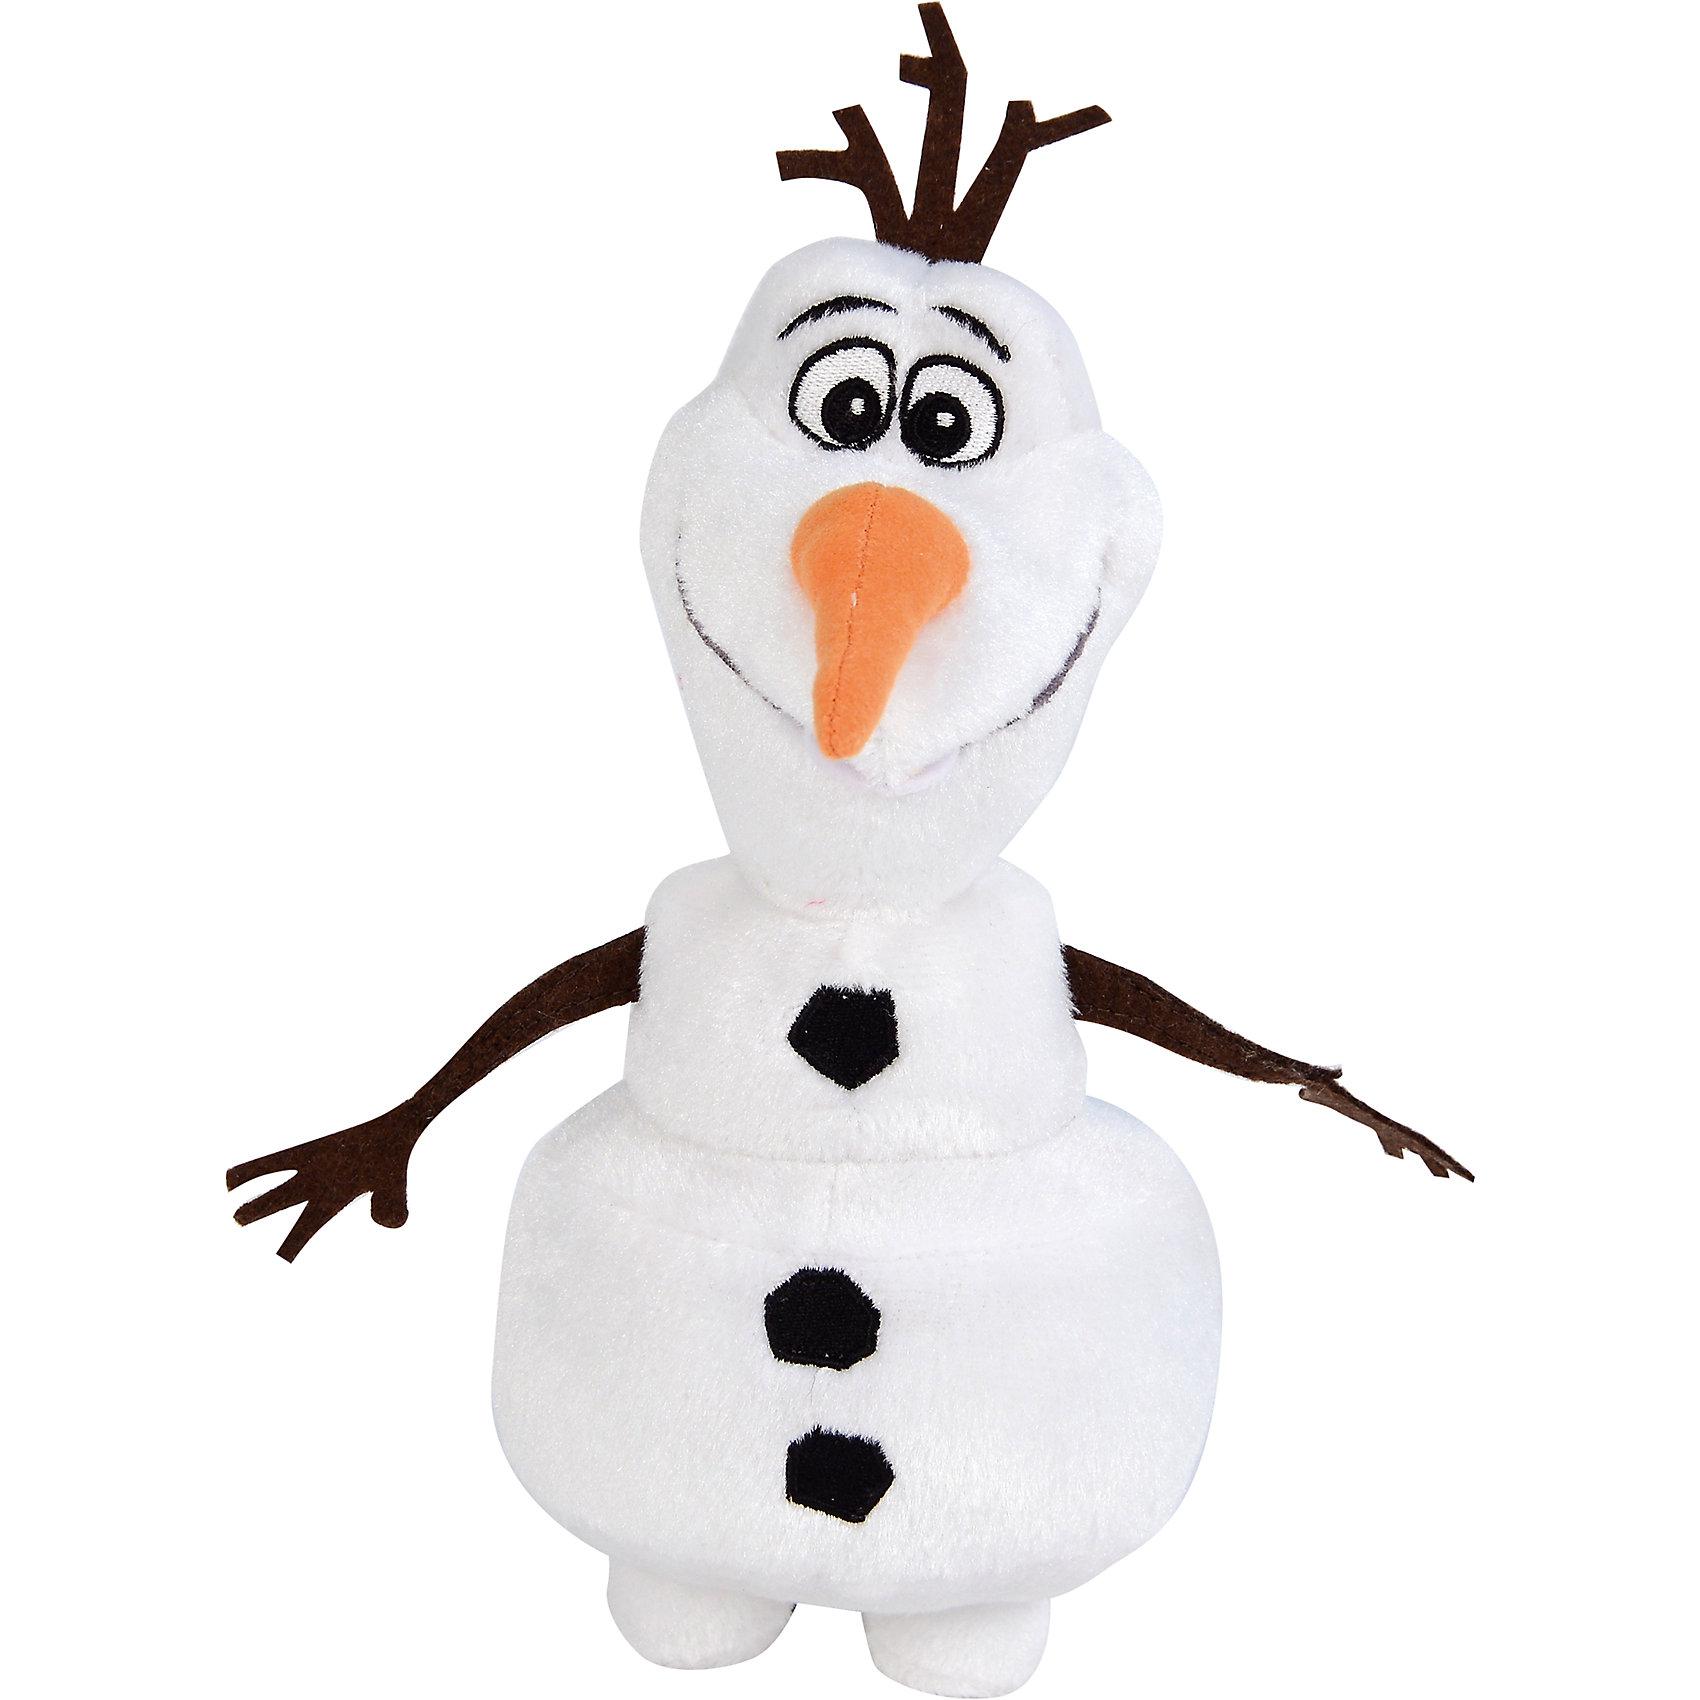 Игрушка Олаф 20 см, Холодное сердце, DisneyВеселый снеговичок Олаф - оригинальная мягкая игрушка, которая станет приятным сюрпризом для детей любого возраста. Снеговичок выполнен по мотивам популярного диснеевского мультфильма Холодное сердце ( Frozen) и внешне очень похож на своего экранного персонажа. Игрушка очень мягкая и приятная на ощупь, материал - высококачественный плюш. Малыш с удовольствием будет обнимать и тискать забавного снеговичка и даже брать с собой в кровать, игрушка изготовлена из качественных экологичных материалов и совершенно безопасна для детского здоровья. Способствует развитию фантазии и воображения, тренирует тактильное и визуальное восприятие. Допустима машинная стирка при температуре 30 градусов.<br><br>Дополнительная информация:<br><br>- Материал: плюш, синтетический наполнитель.<br>- Высота игрушки: 20 см.<br>- Размер упаковки: 10 х 18 х 9 см.<br>- Вес: 106 гр.<br><br>Игрушку Олаф, Холодное сердце, Disney, можно купить в нашем интернет-магазине.<br><br>Ширина мм: 100<br>Глубина мм: 180<br>Высота мм: 90<br>Вес г: 106<br>Возраст от месяцев: 36<br>Возраст до месяцев: 192<br>Пол: Унисекс<br>Возраст: Детский<br>SKU: 4302501